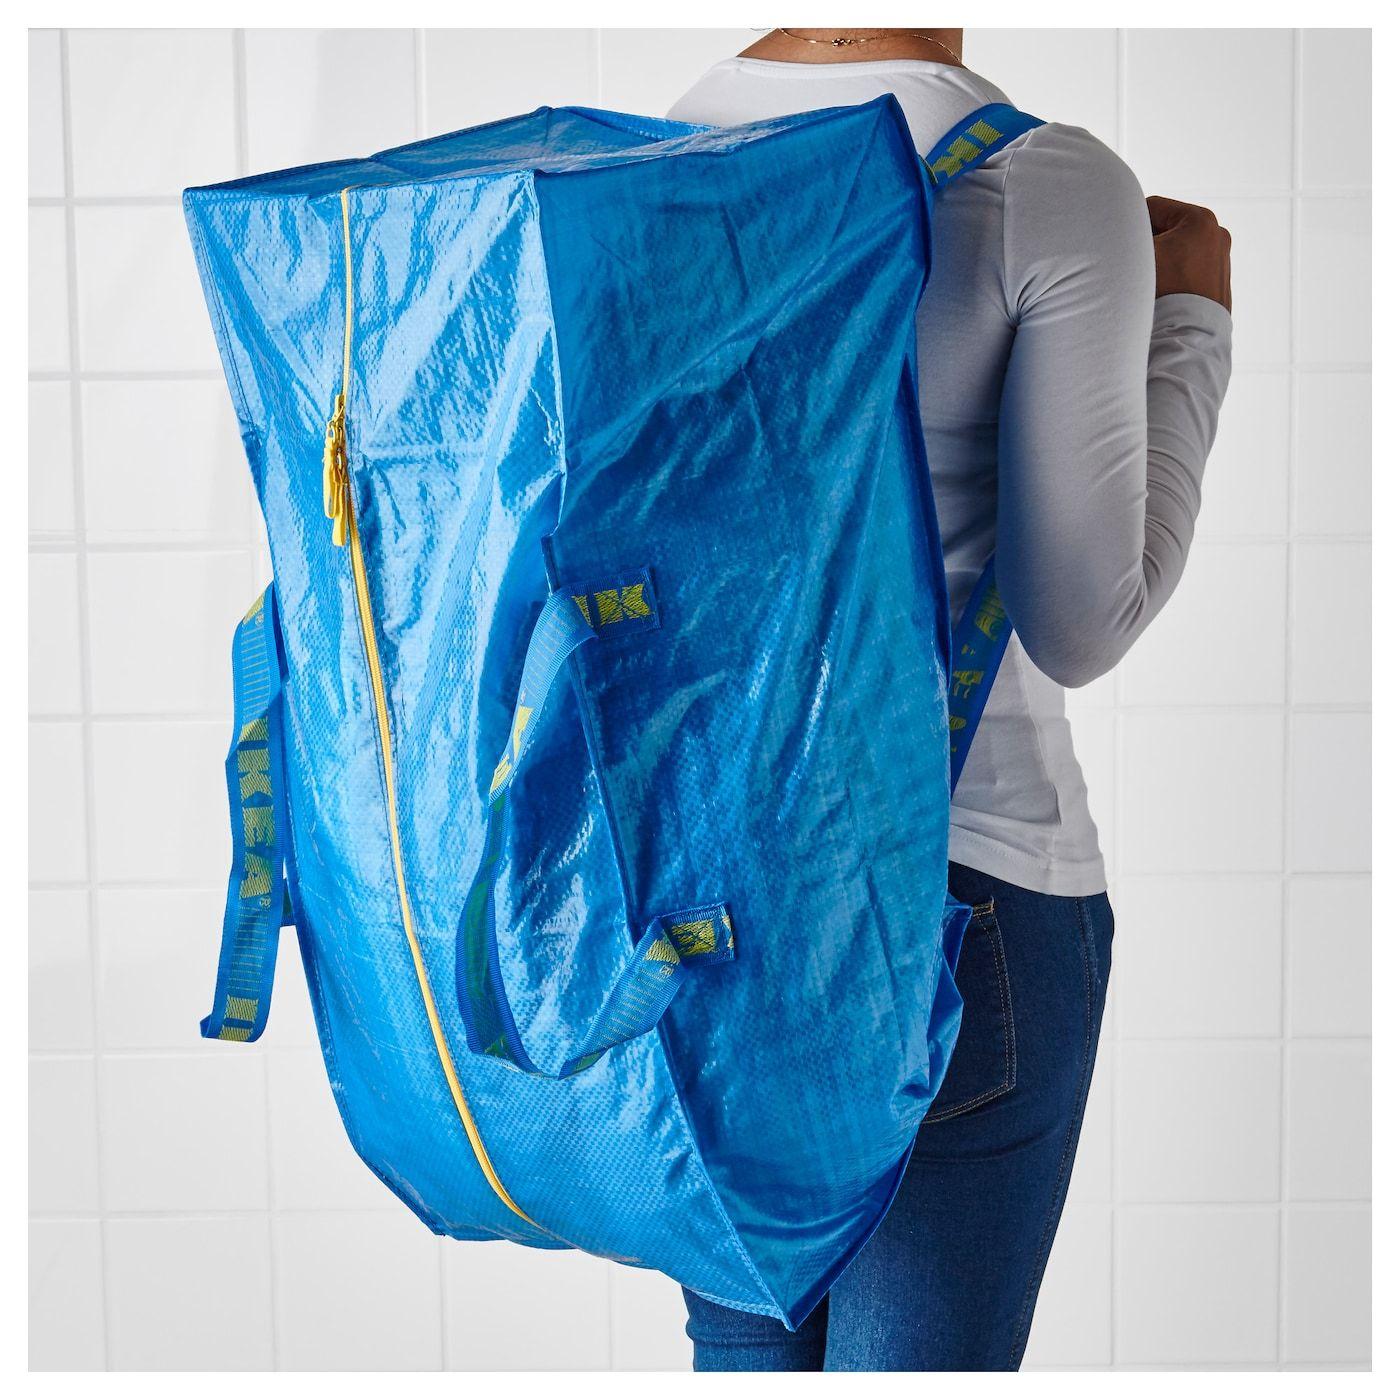 Frakta Storage Bag For Cart Blue 20 Gallon Bag Storage Blue